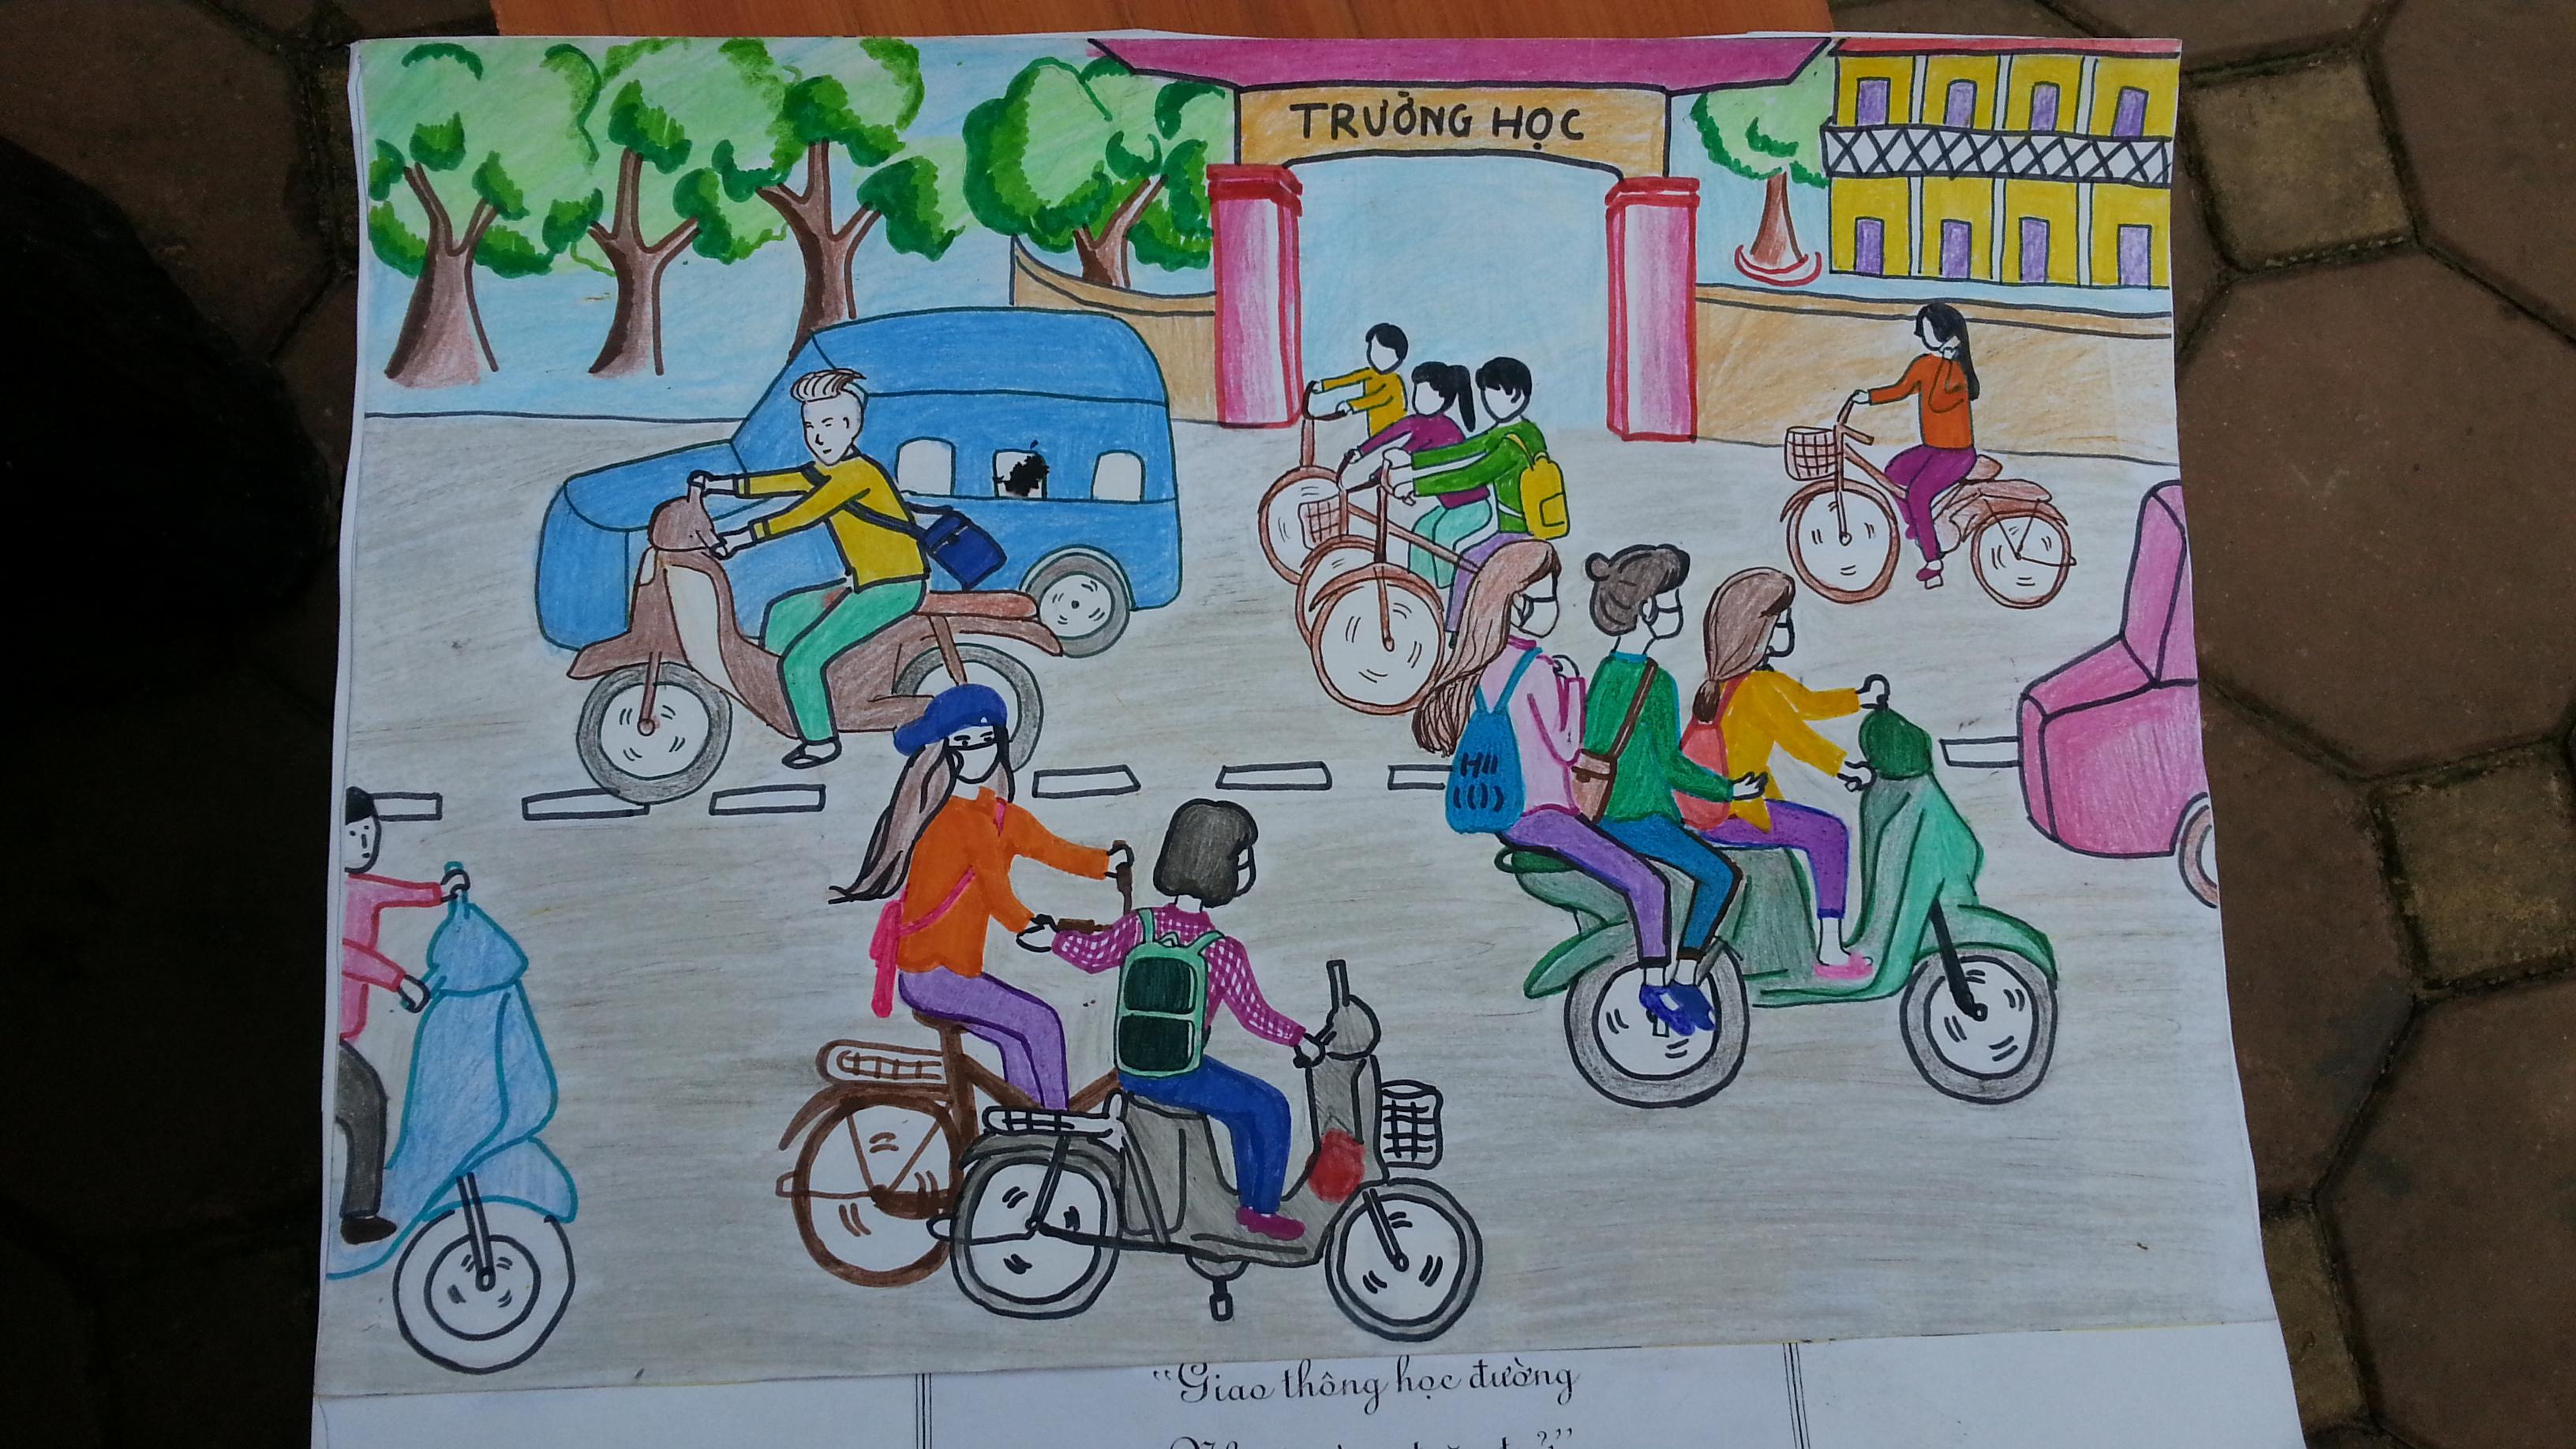 tainangiaothong